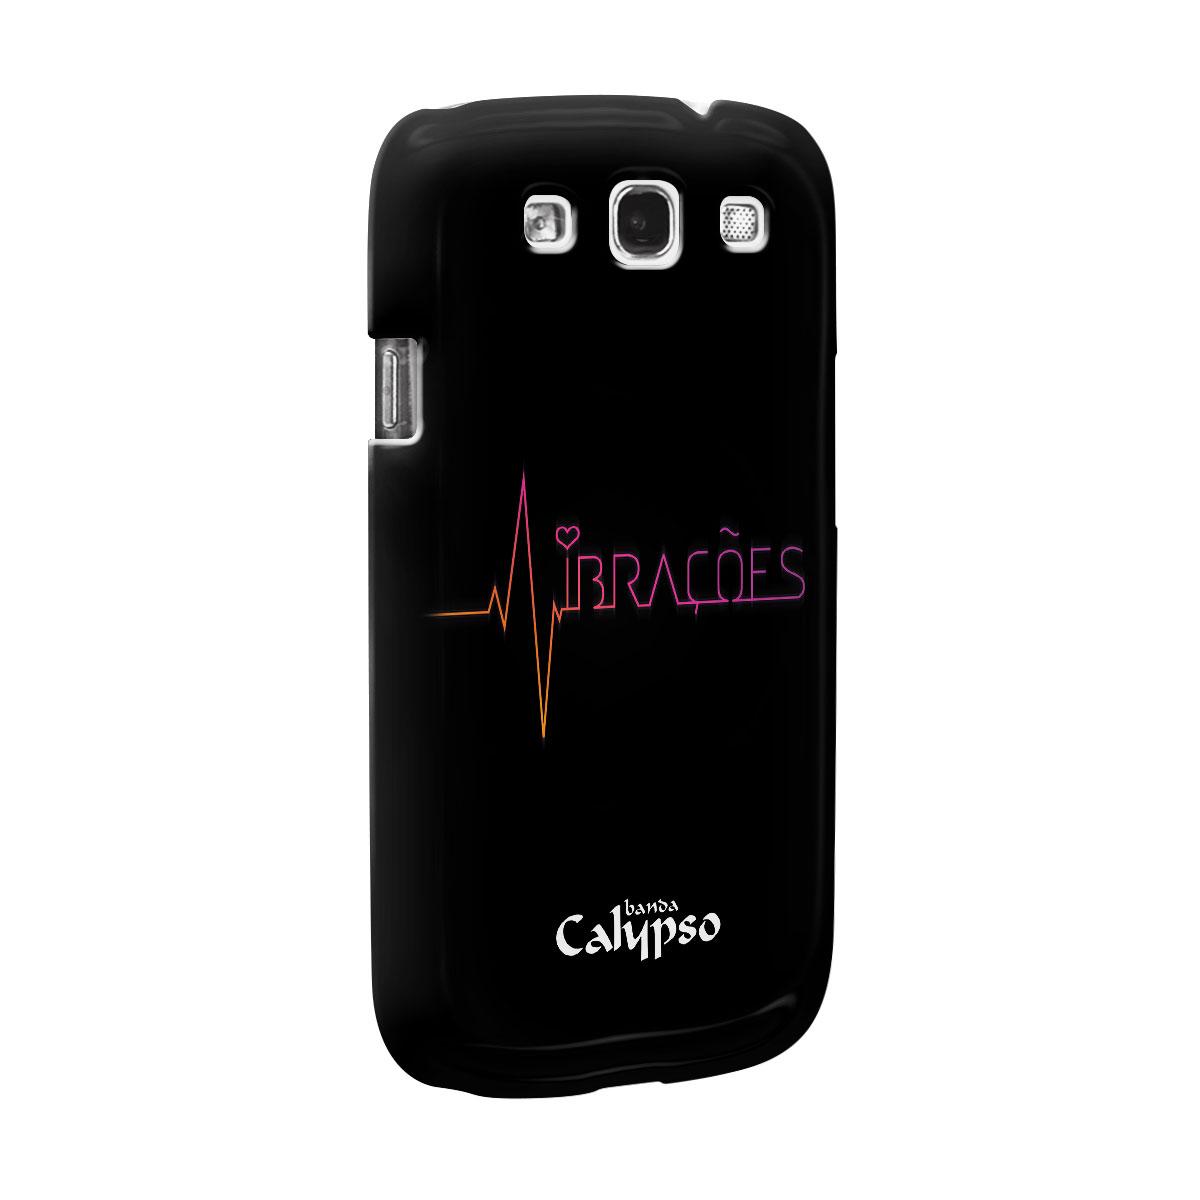 Capa de Celular Samsung Galaxy S3 Calypso Vibrações